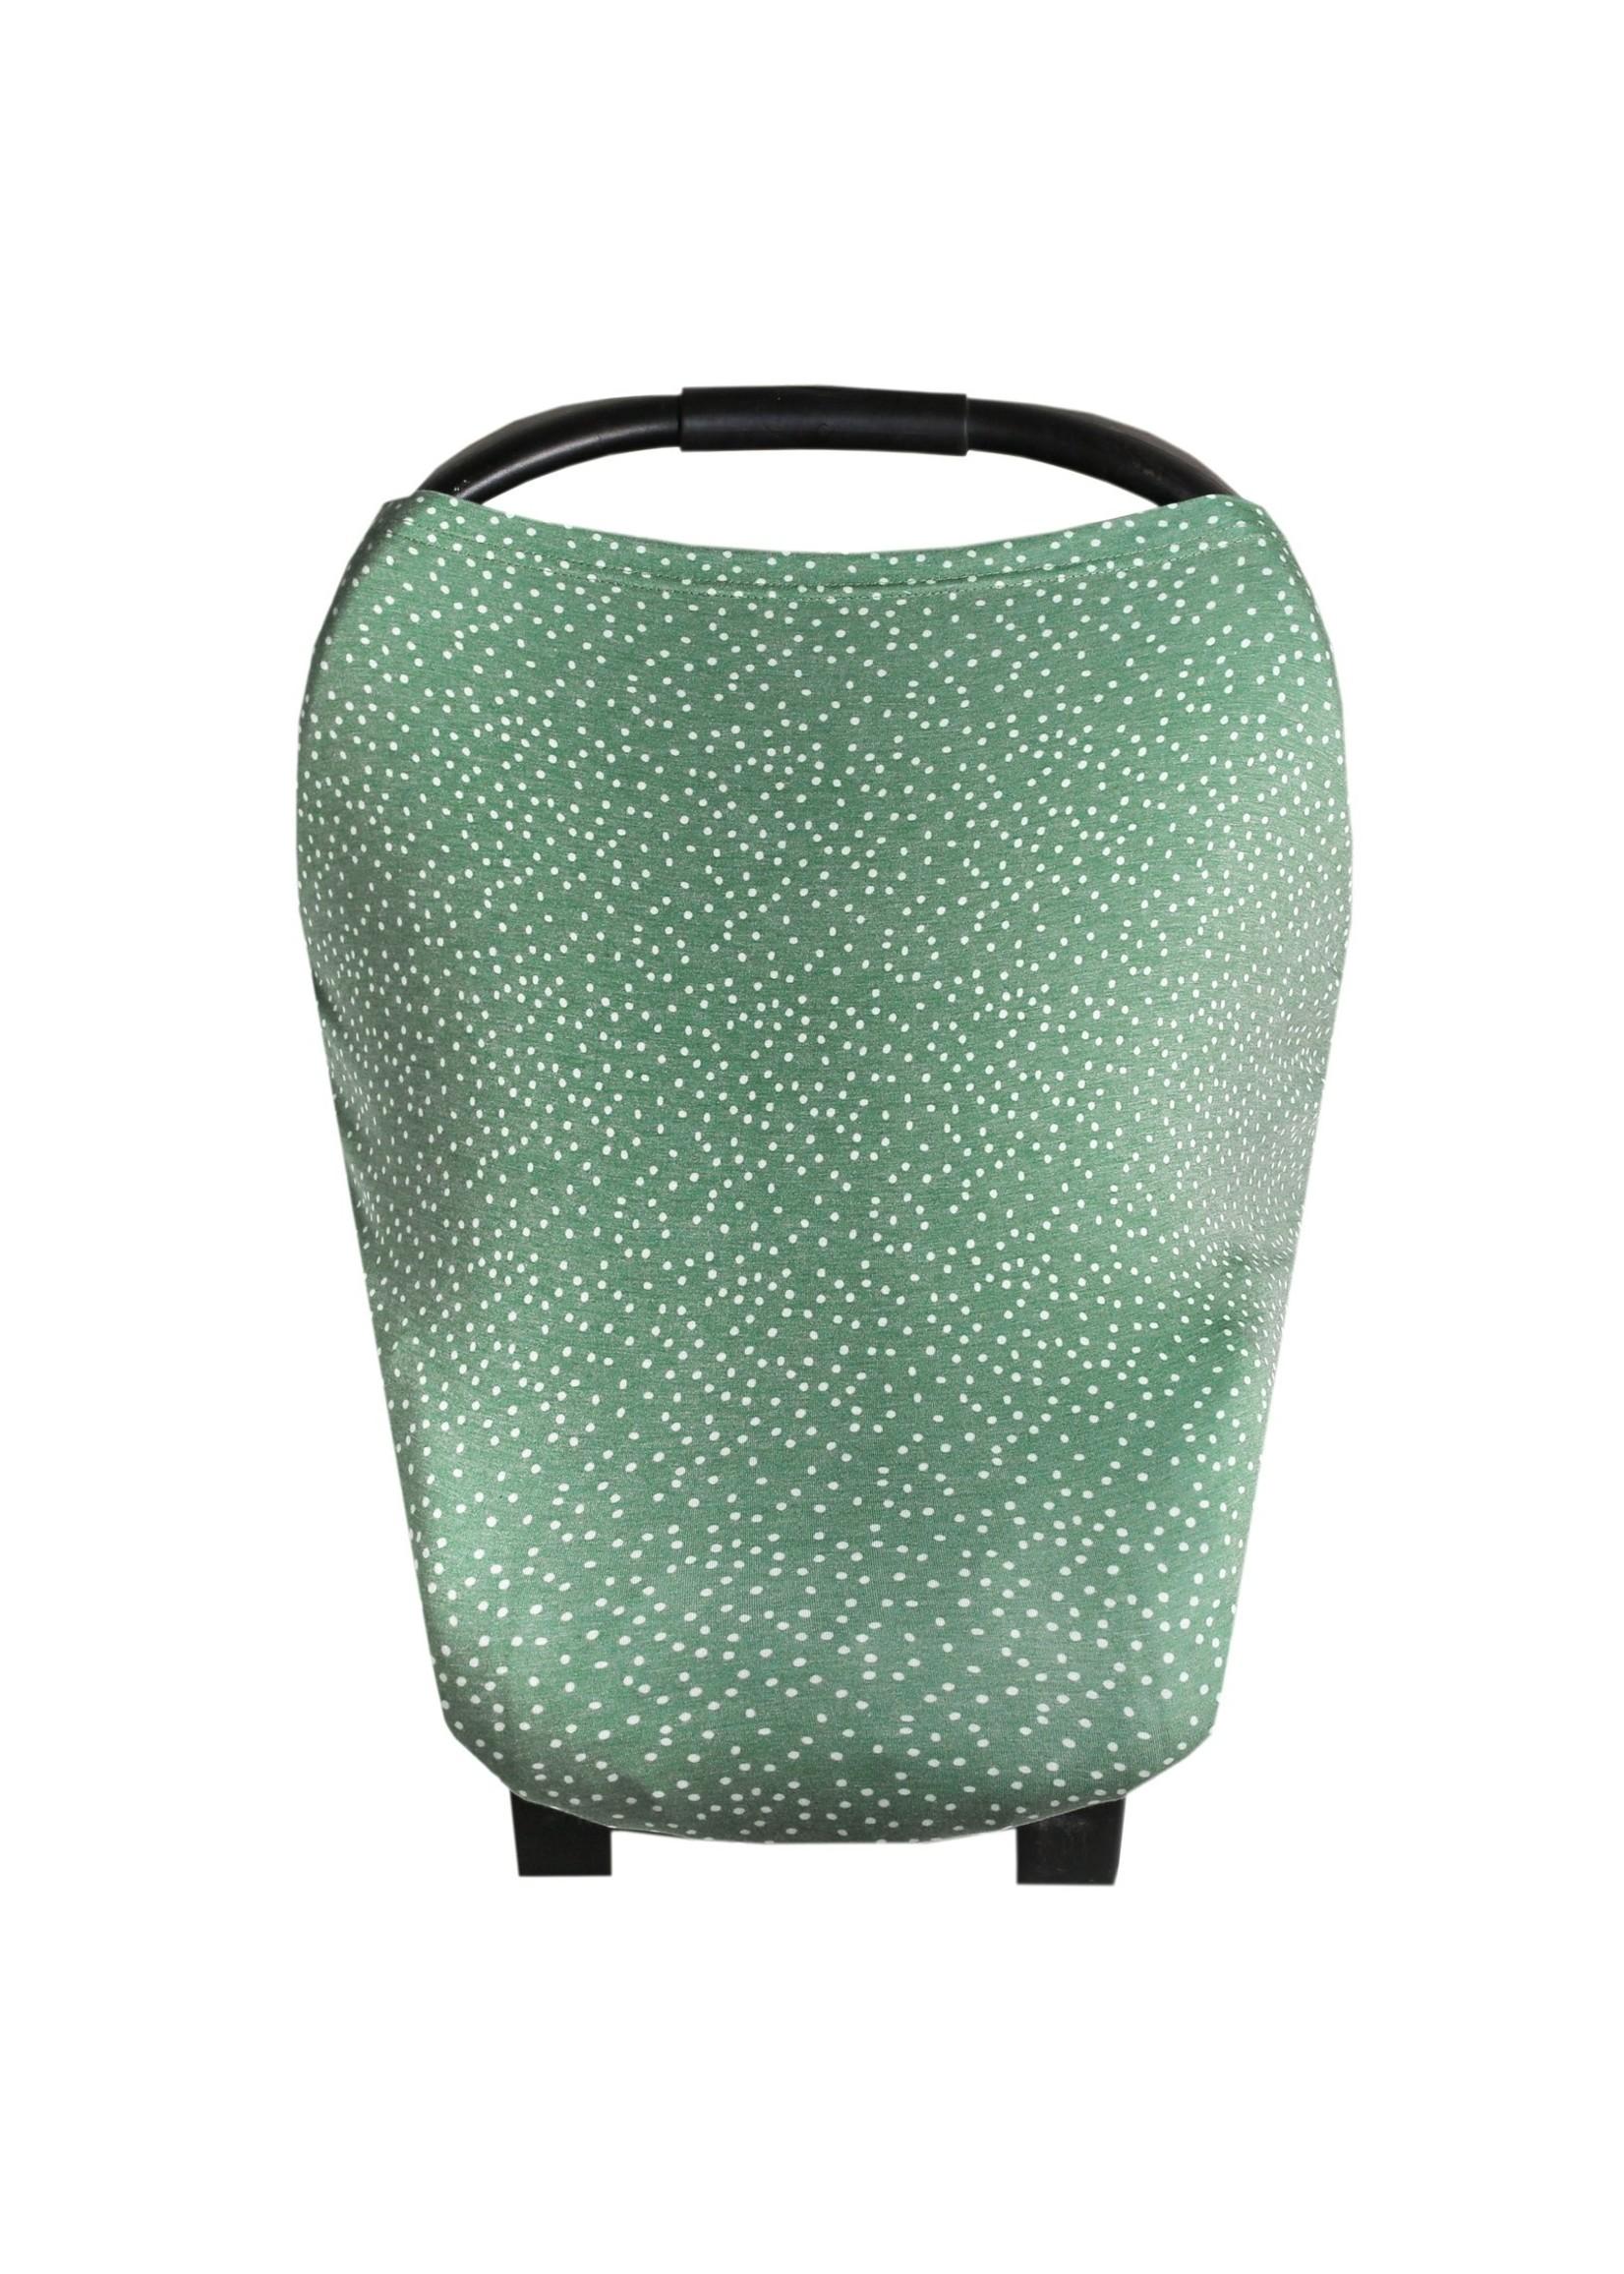 Copper pearl Multi Use Cover - Juniper